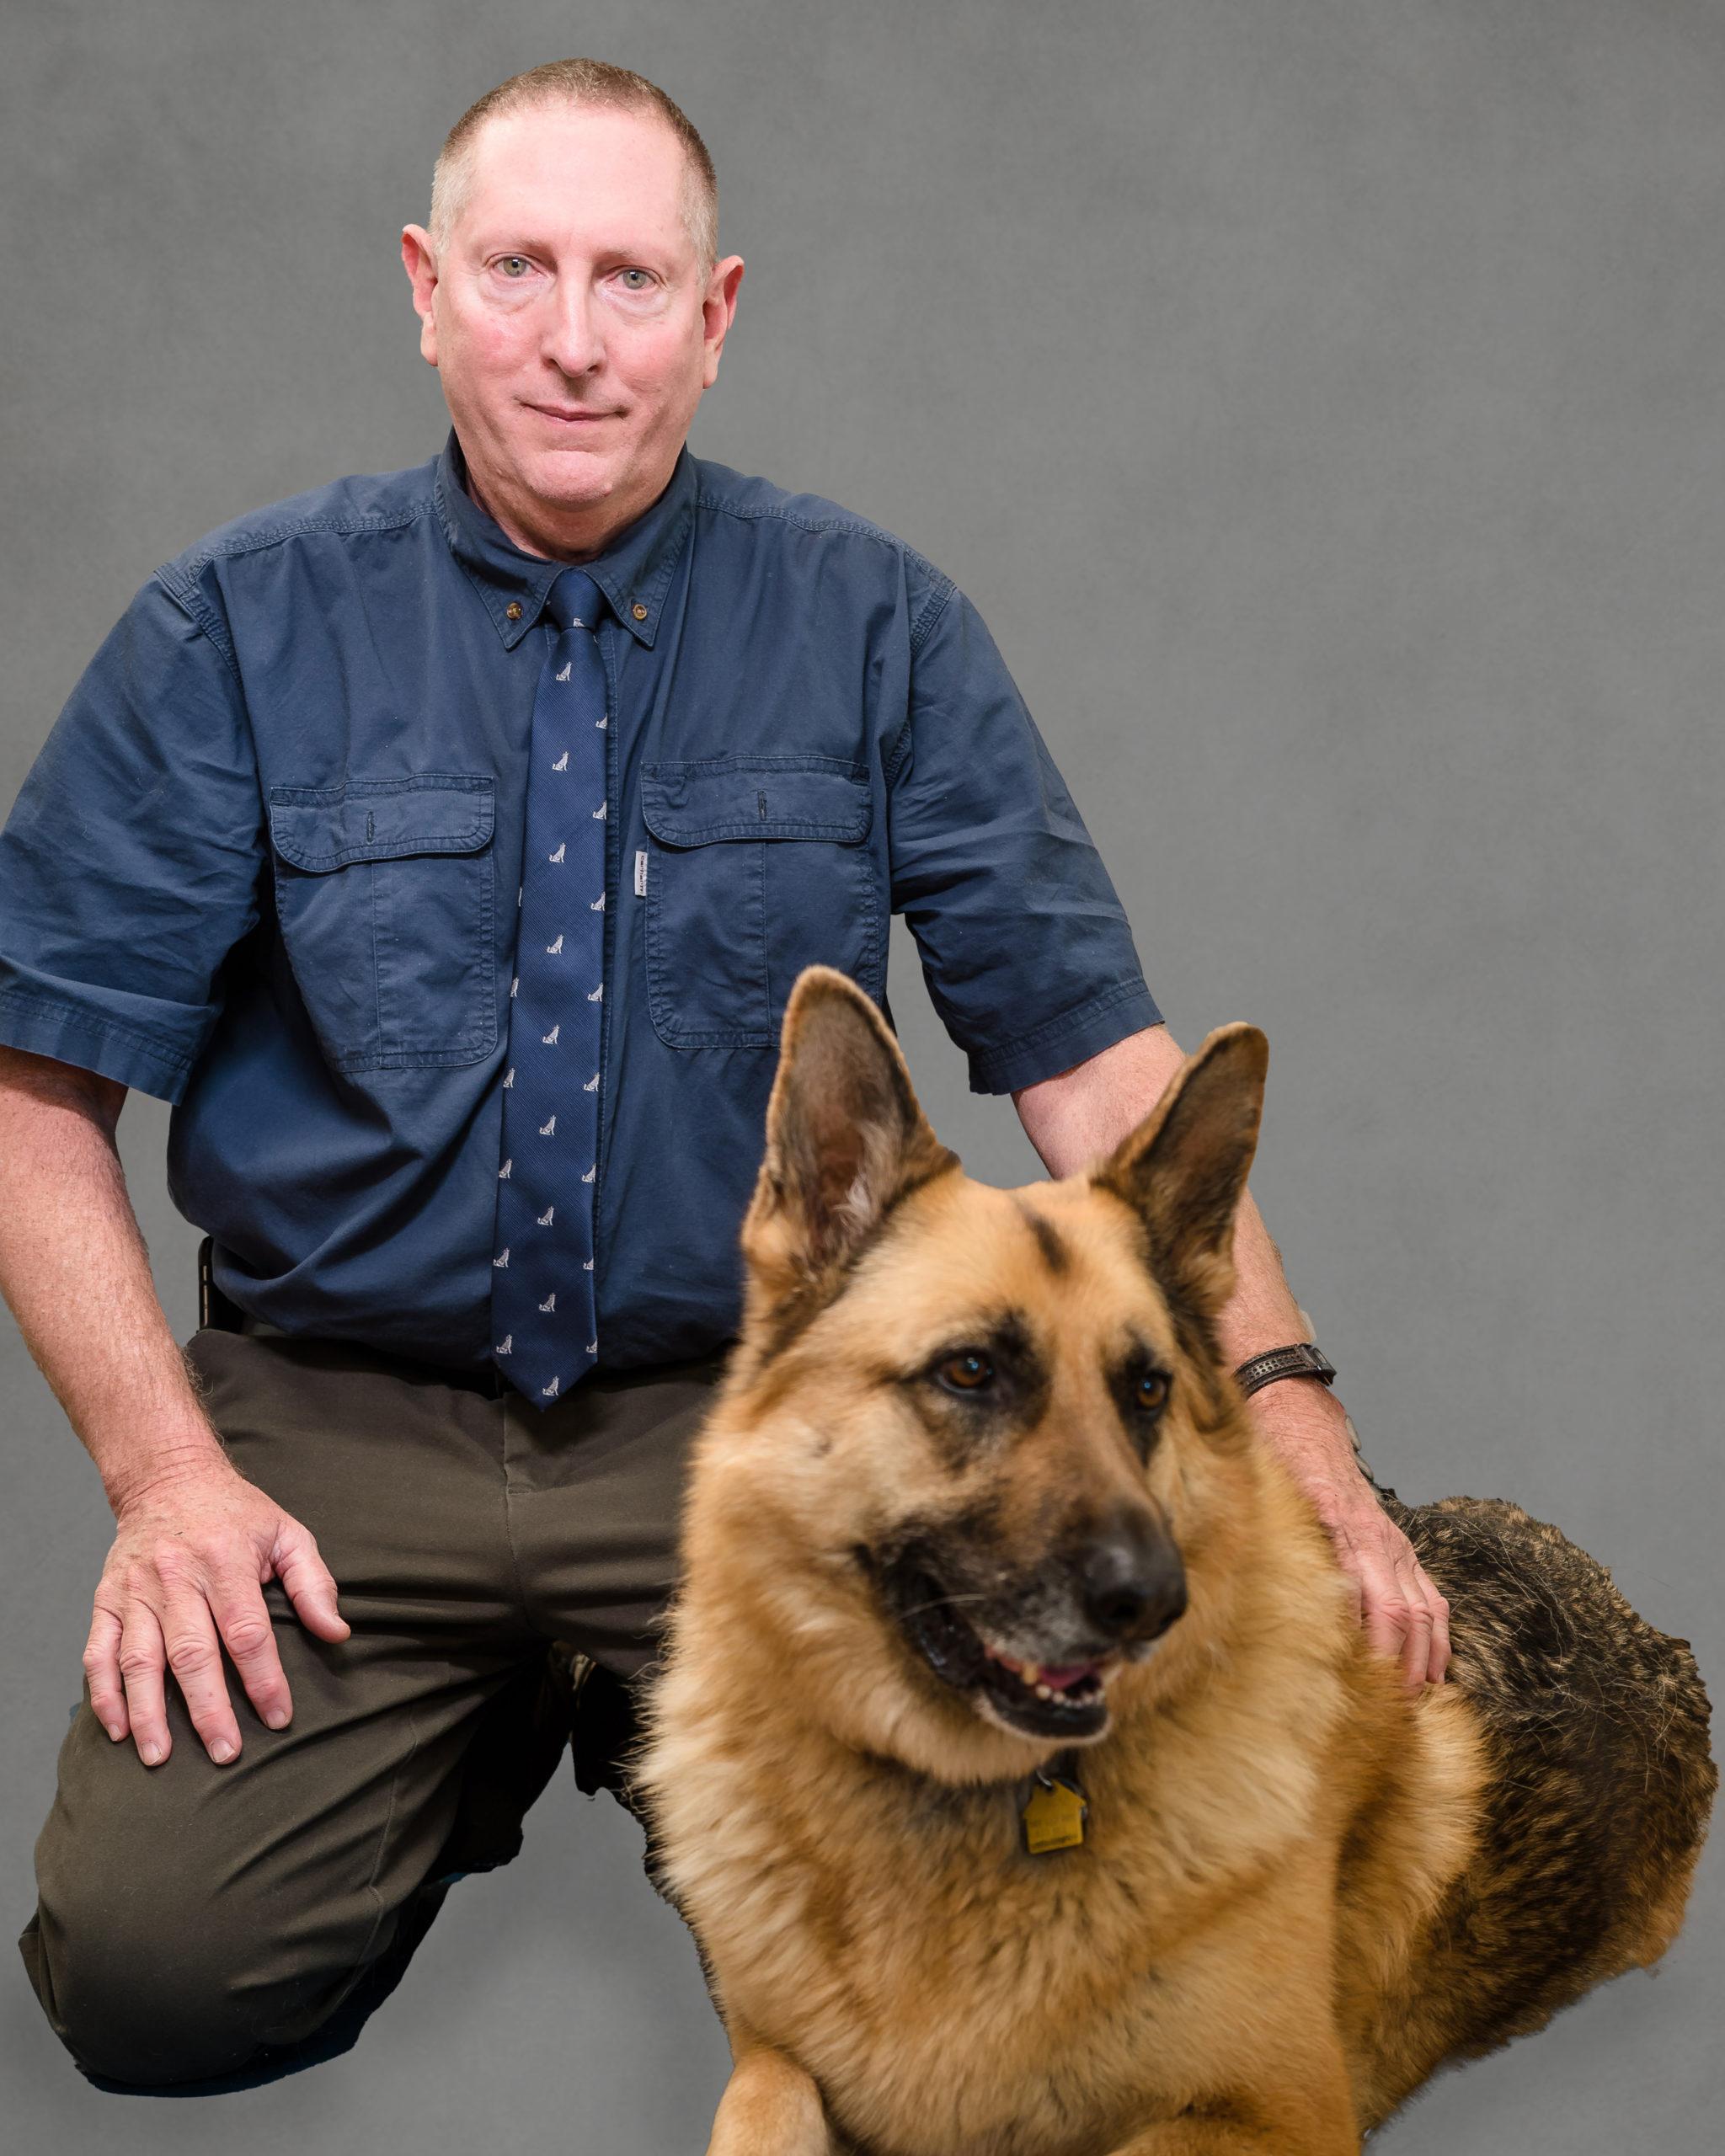 Dr. Jim Carter